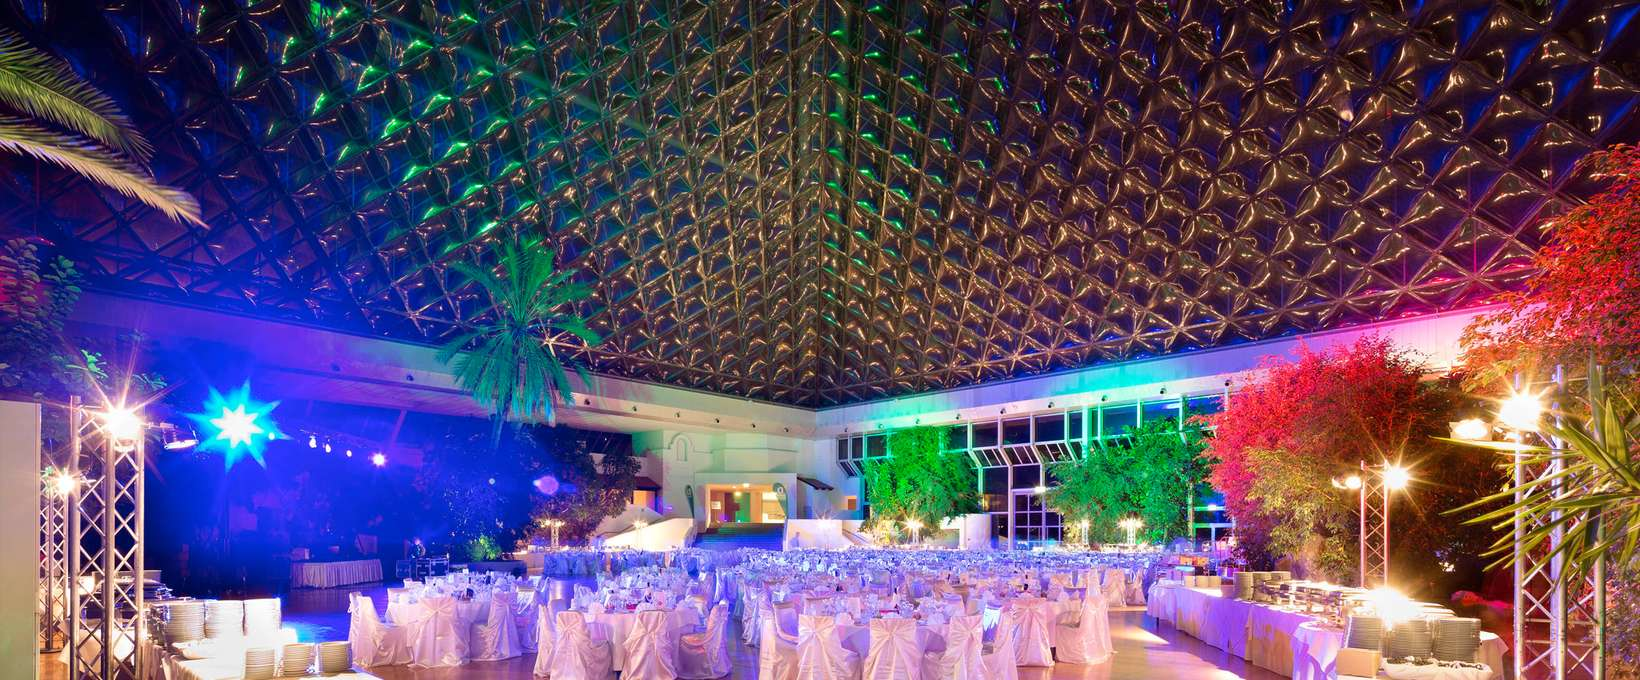 Eventhotel Pyramide 4 Sterne Hotel Wien Austria